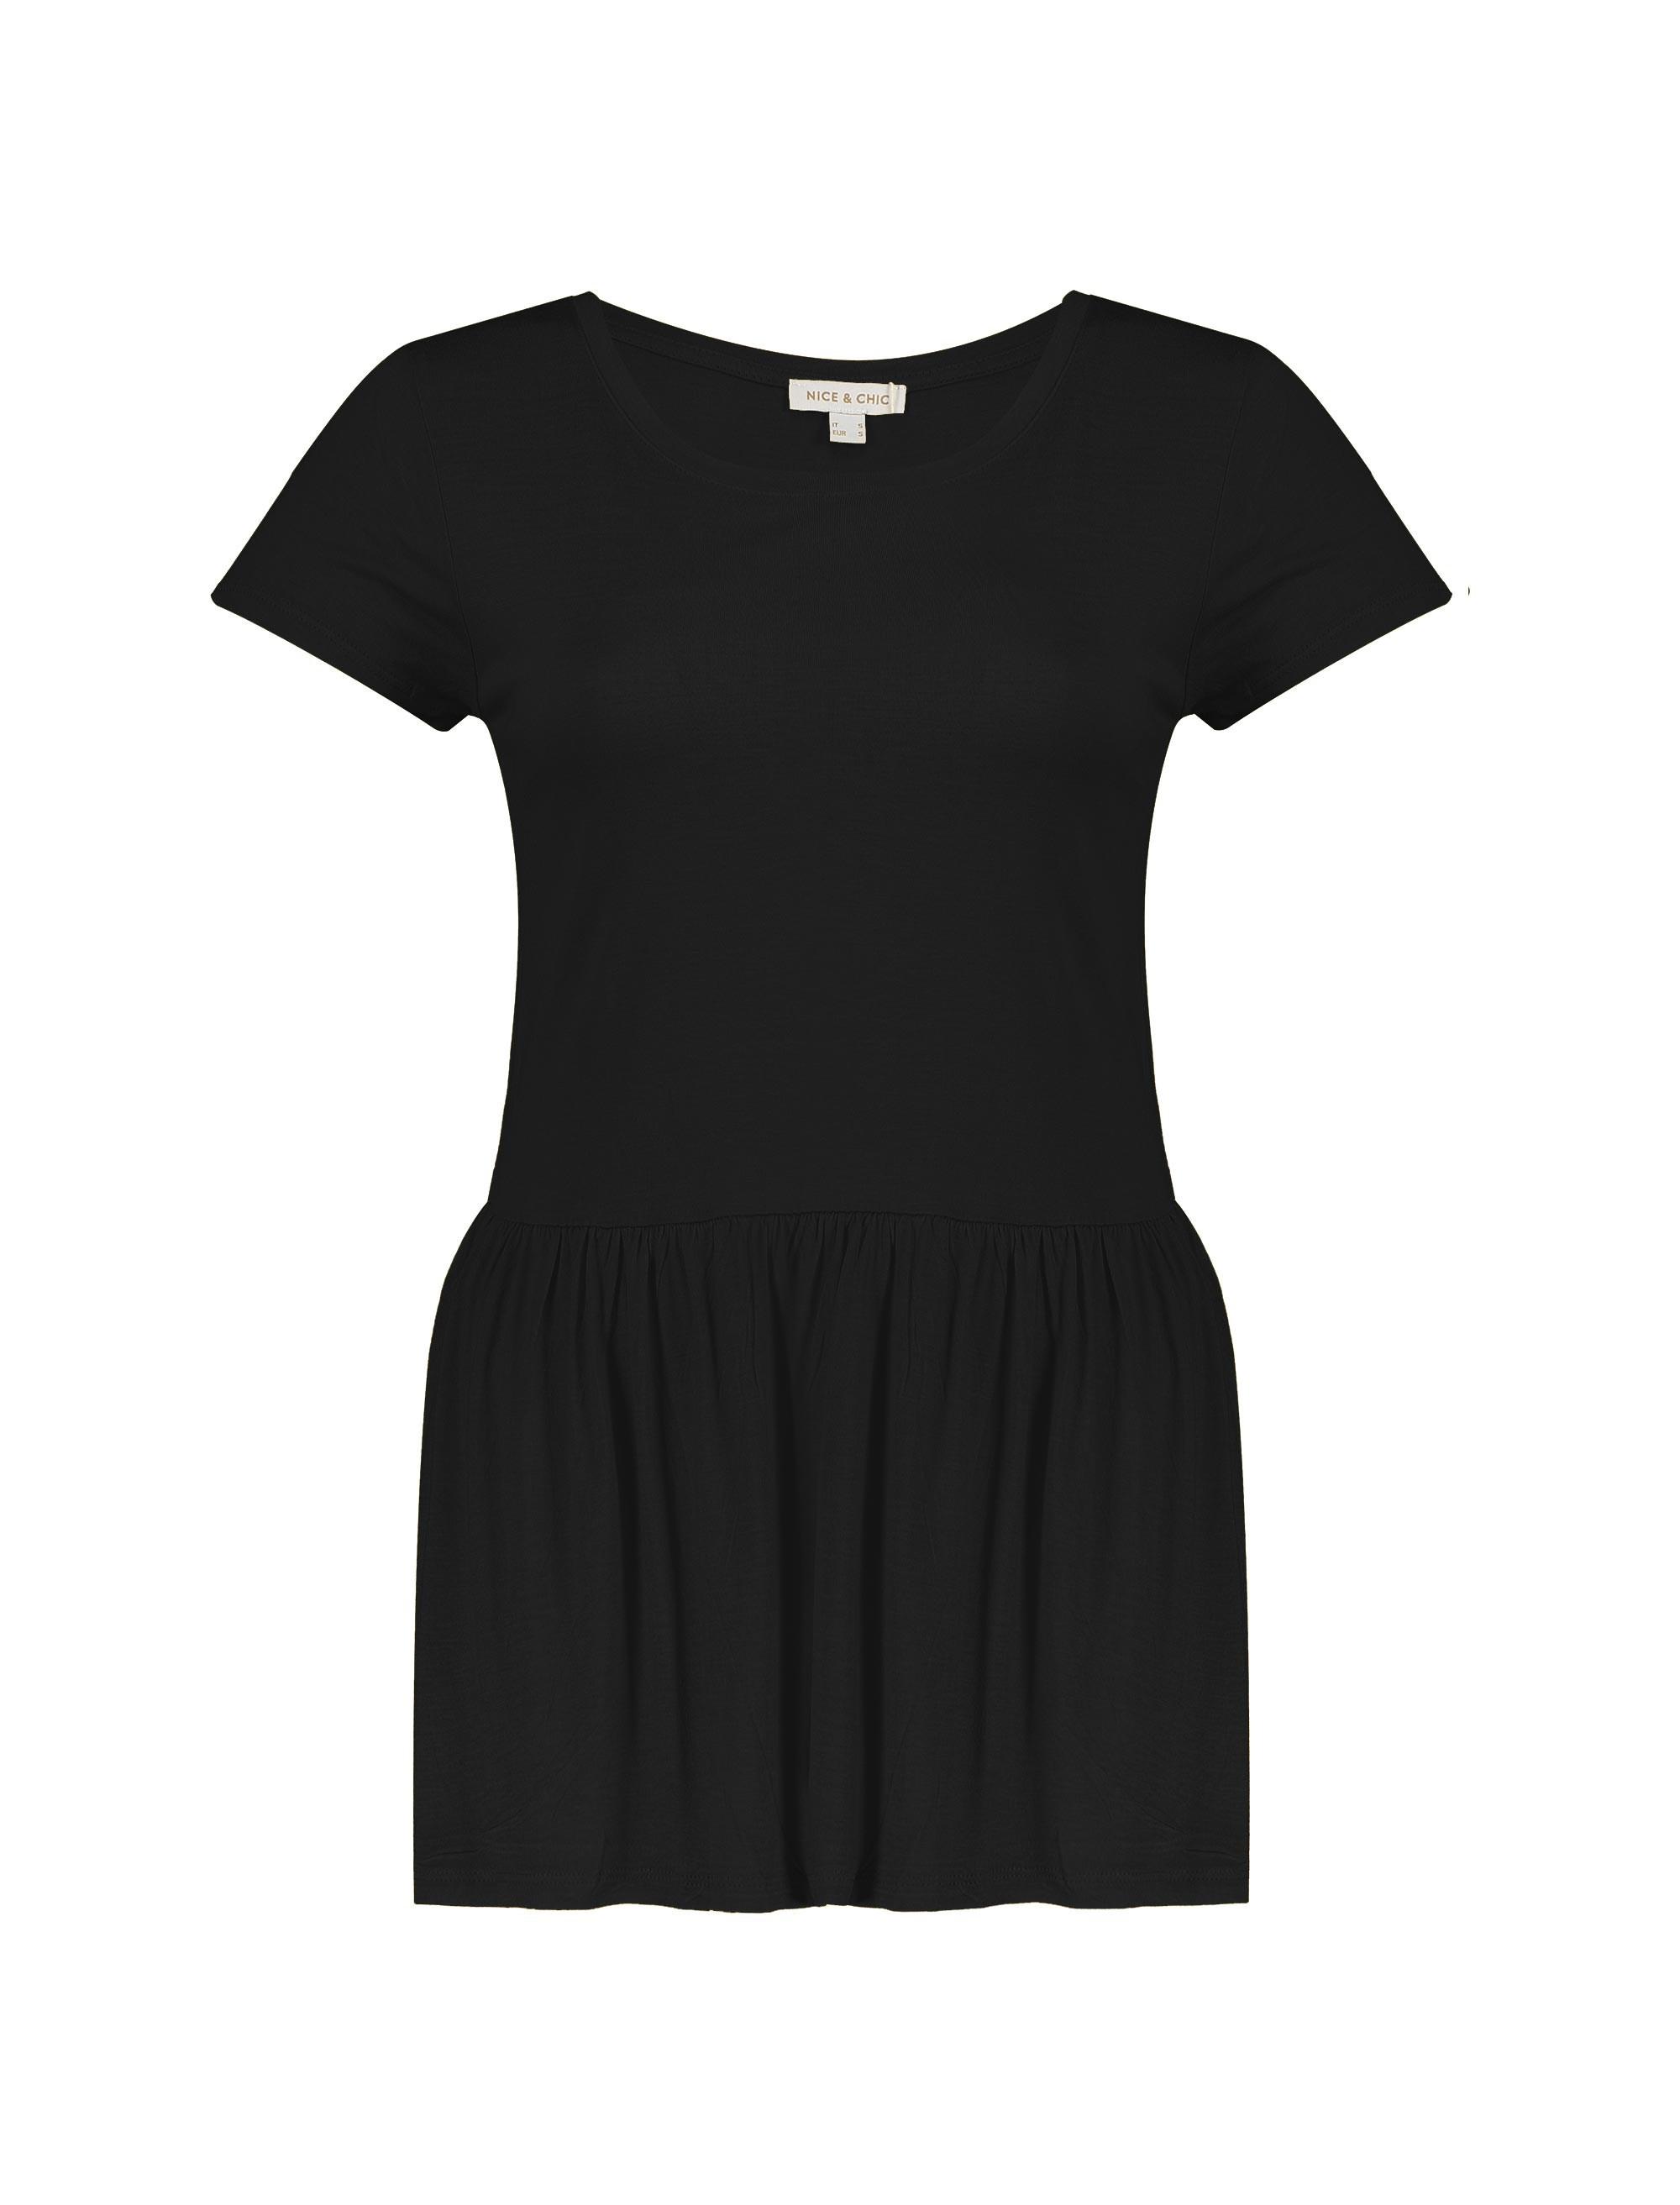 تی شرت ویسکوز یقه گرد زنانه - یوپیم - مشکي  - 1